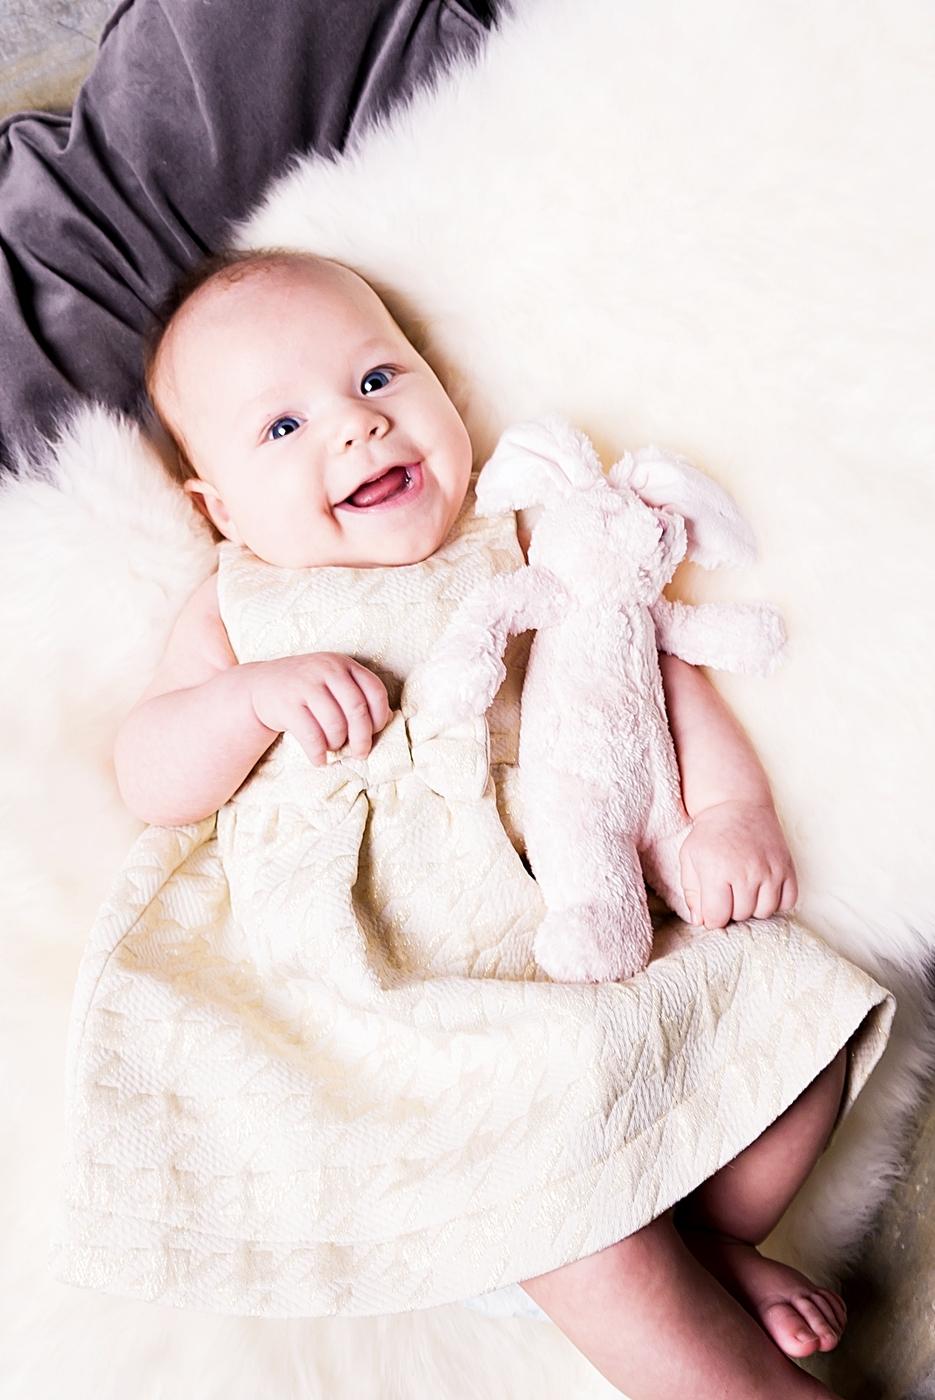 Vauva 4kk